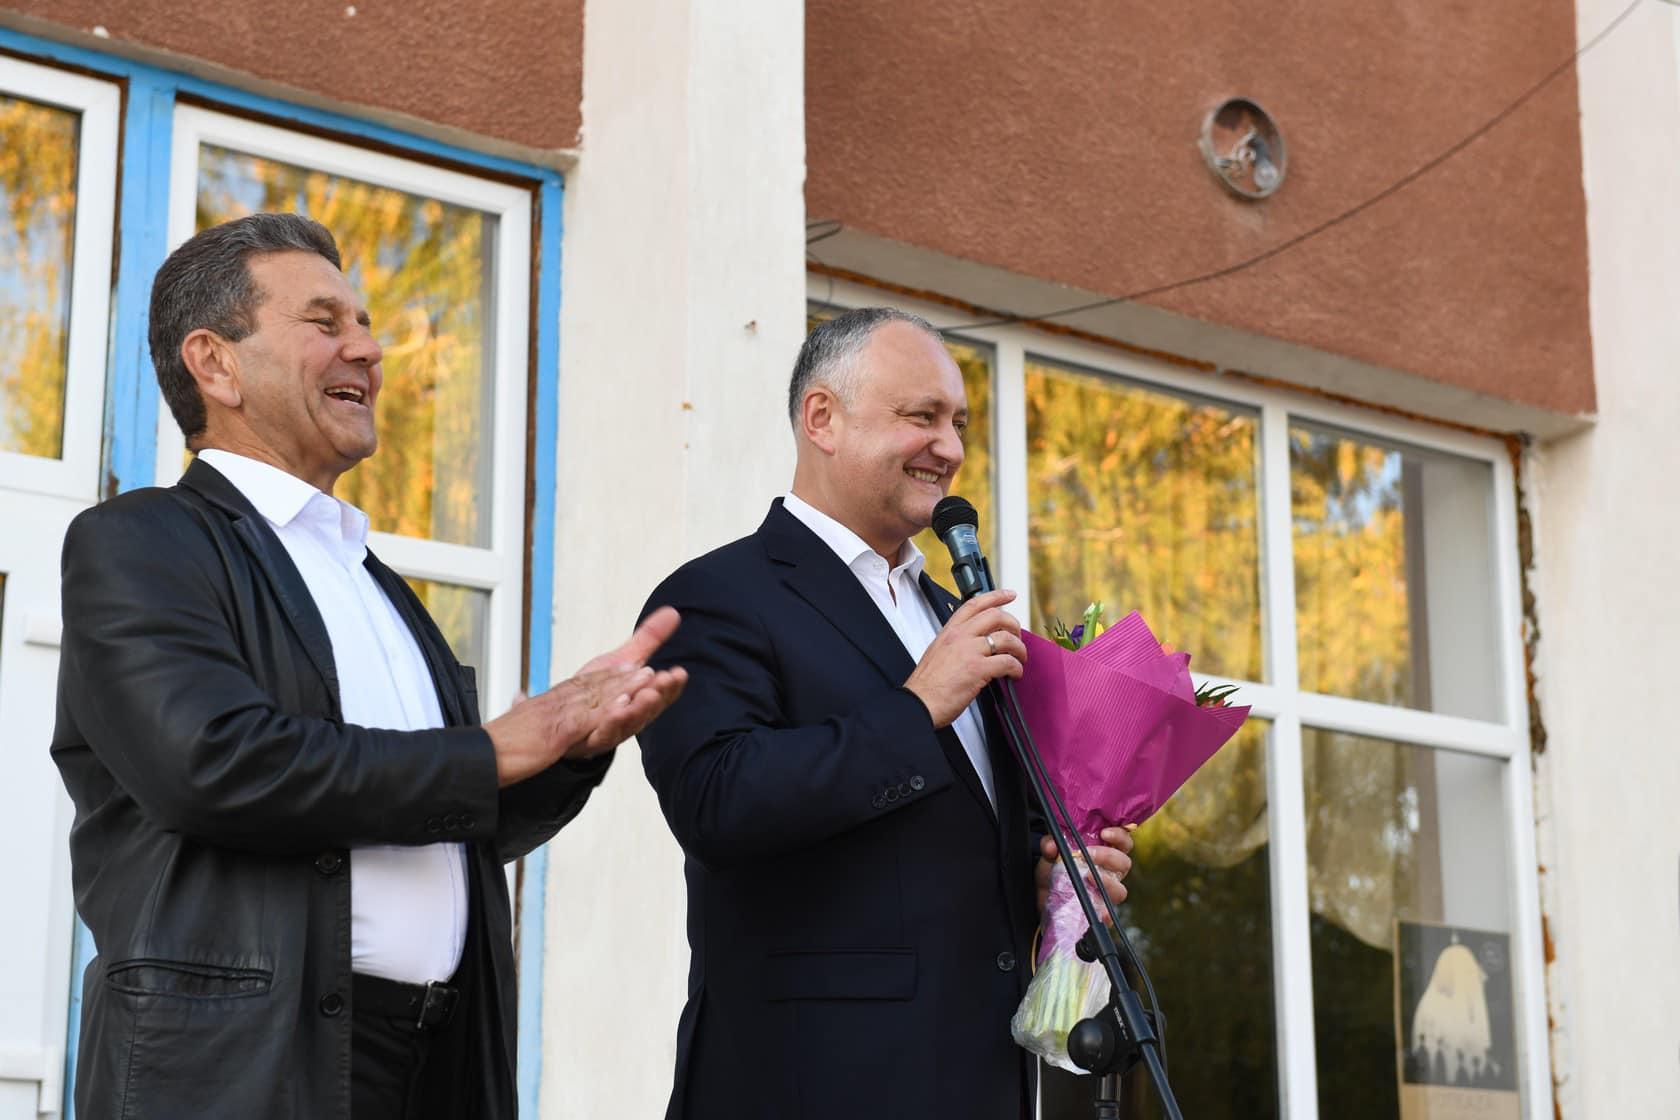 Игорь Додон пообщался с односельчанами в Садова и навестил многодетные семьи и супругов – долгожителей (ФОТО, ВИДЕО)